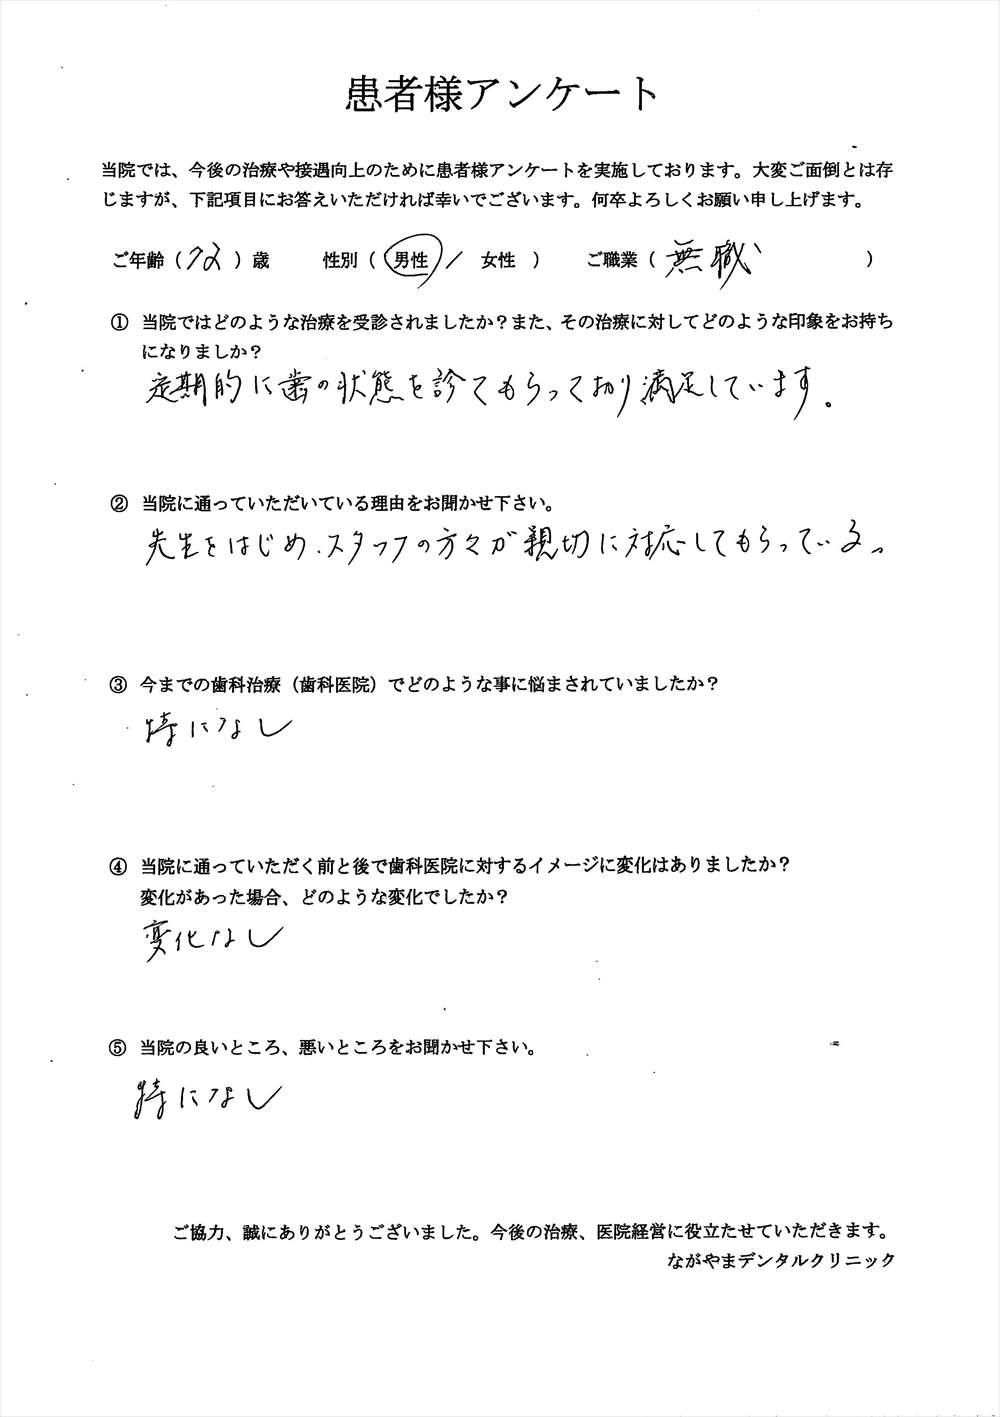 ながやまデンタルクリニックの患者様の口コミ・評判アンケート6